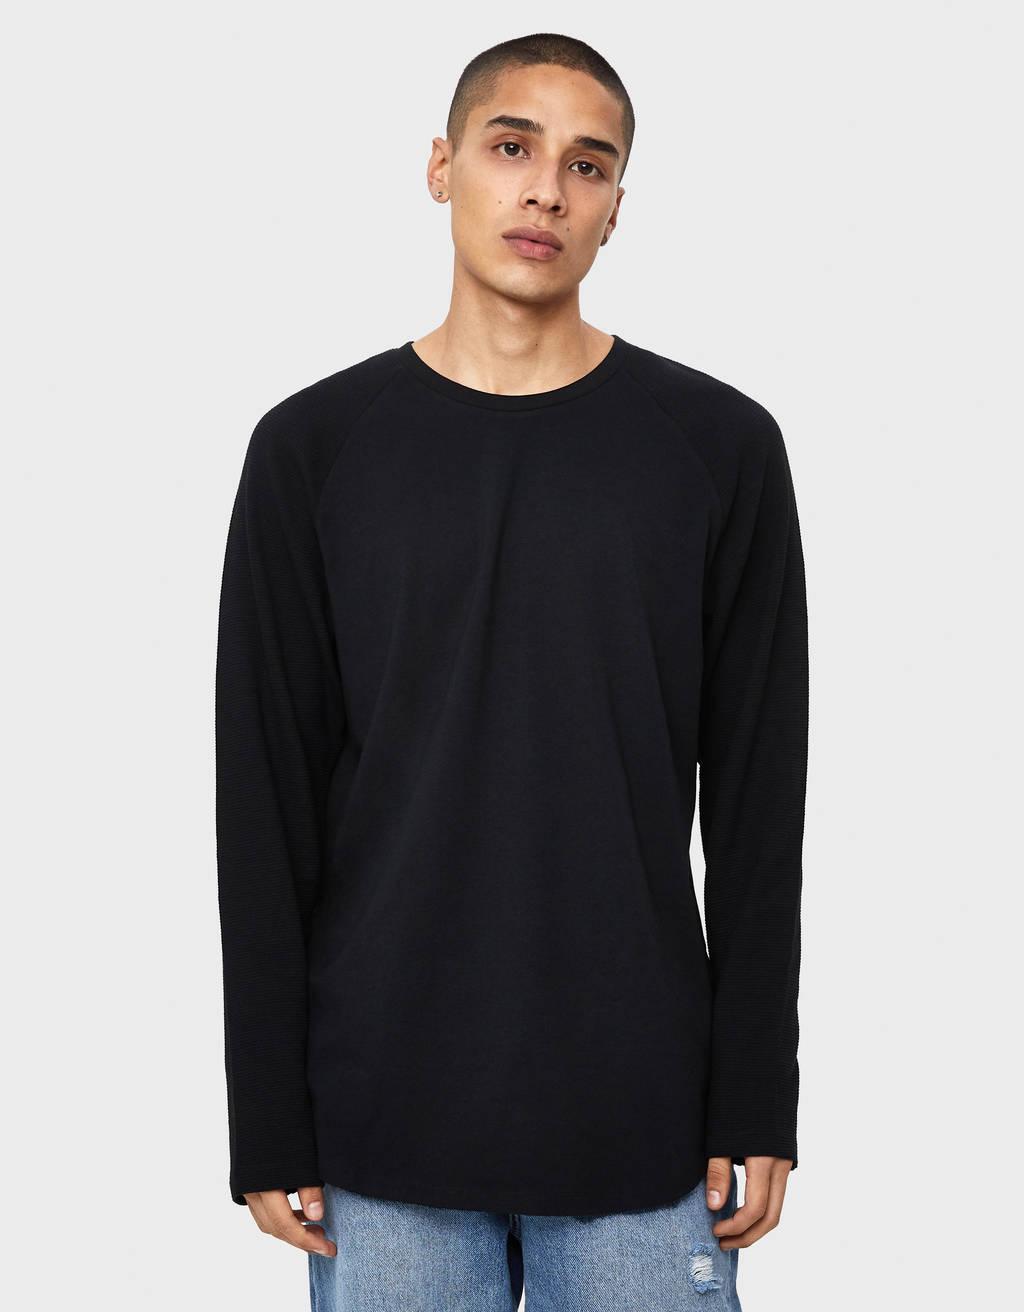 Sweater ottoman com manga raglã